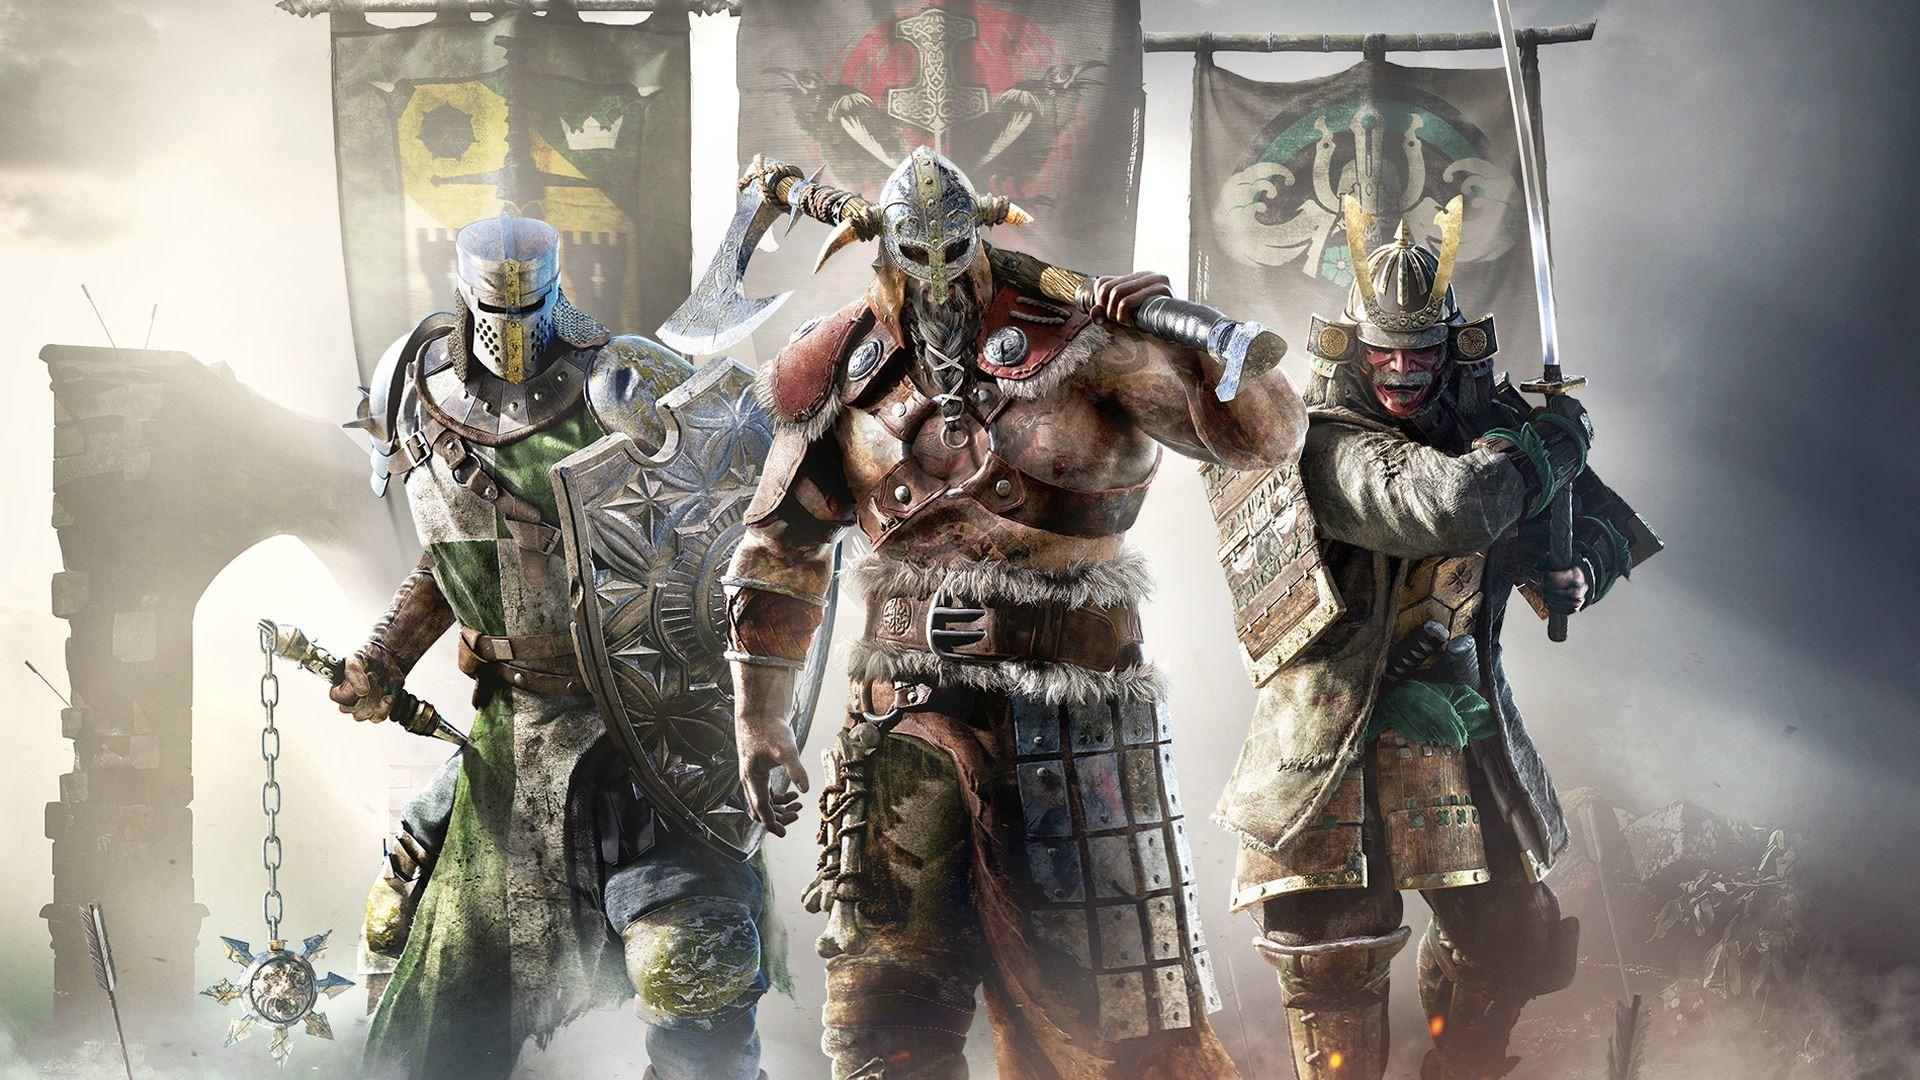 For Honor Trailer The Raider (Viking Gameplay) – Hero Series US